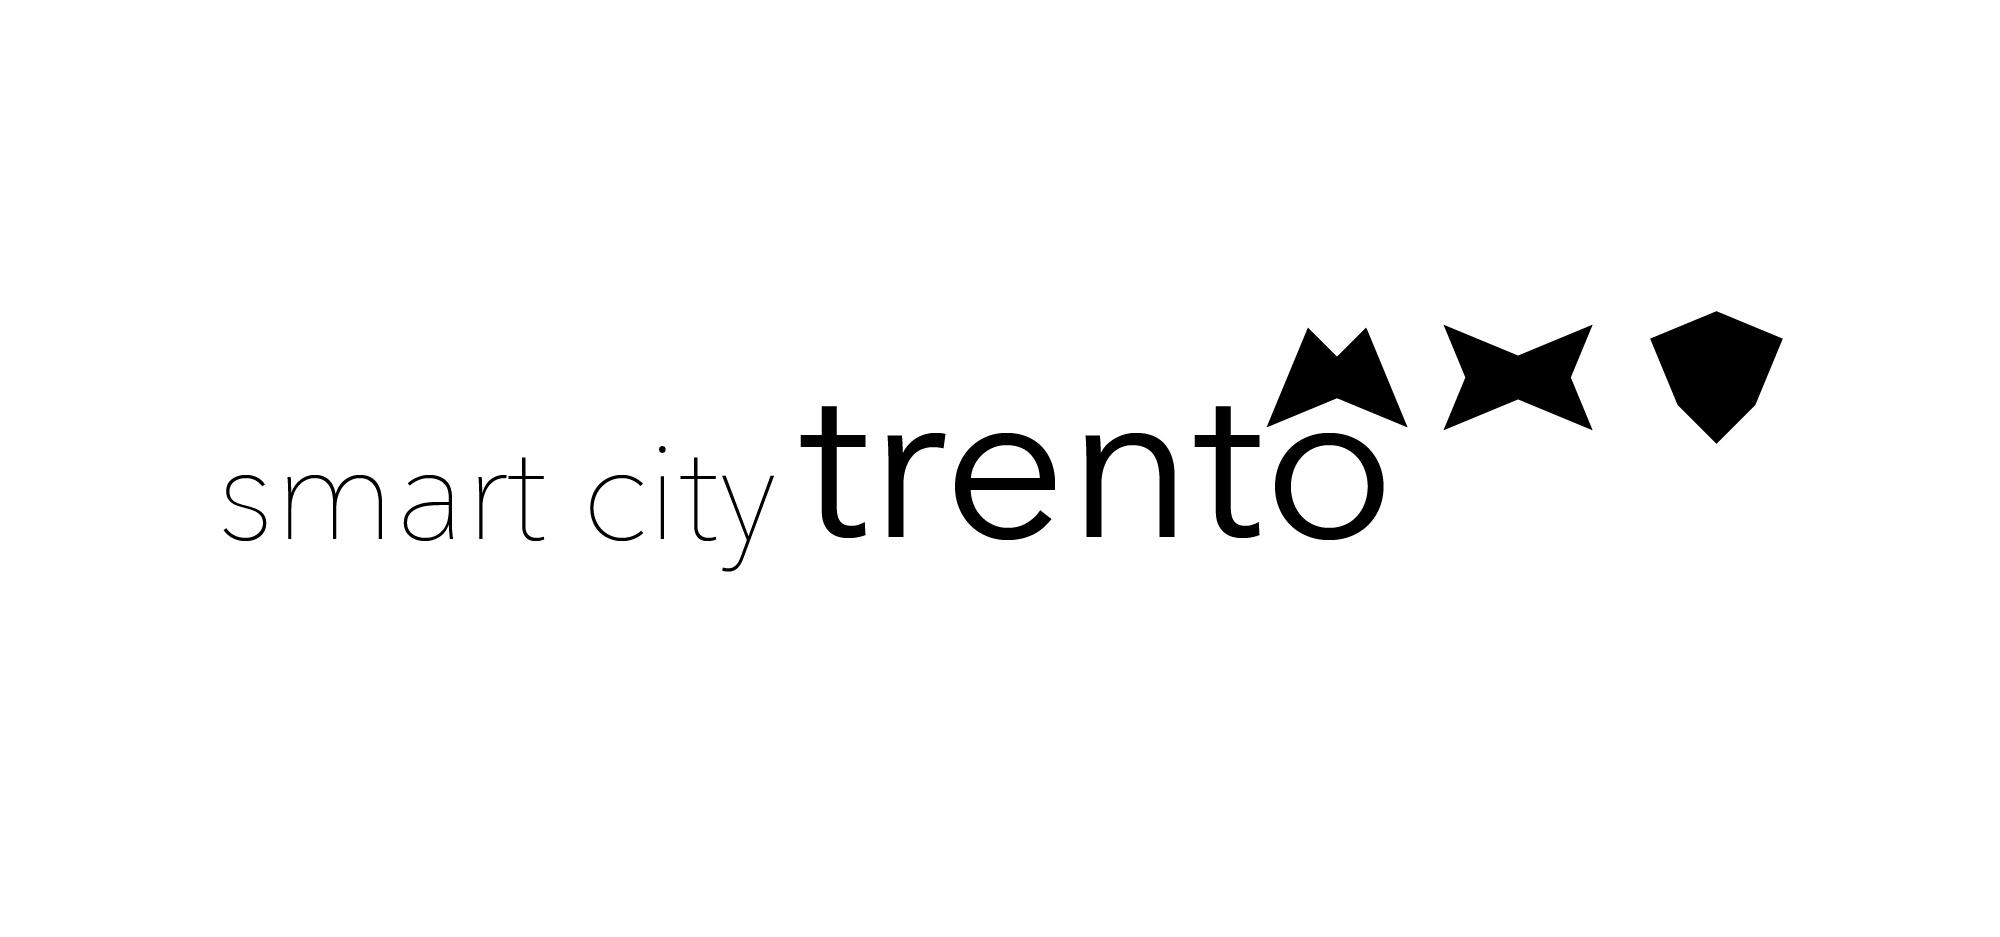 trento-smart-city-06